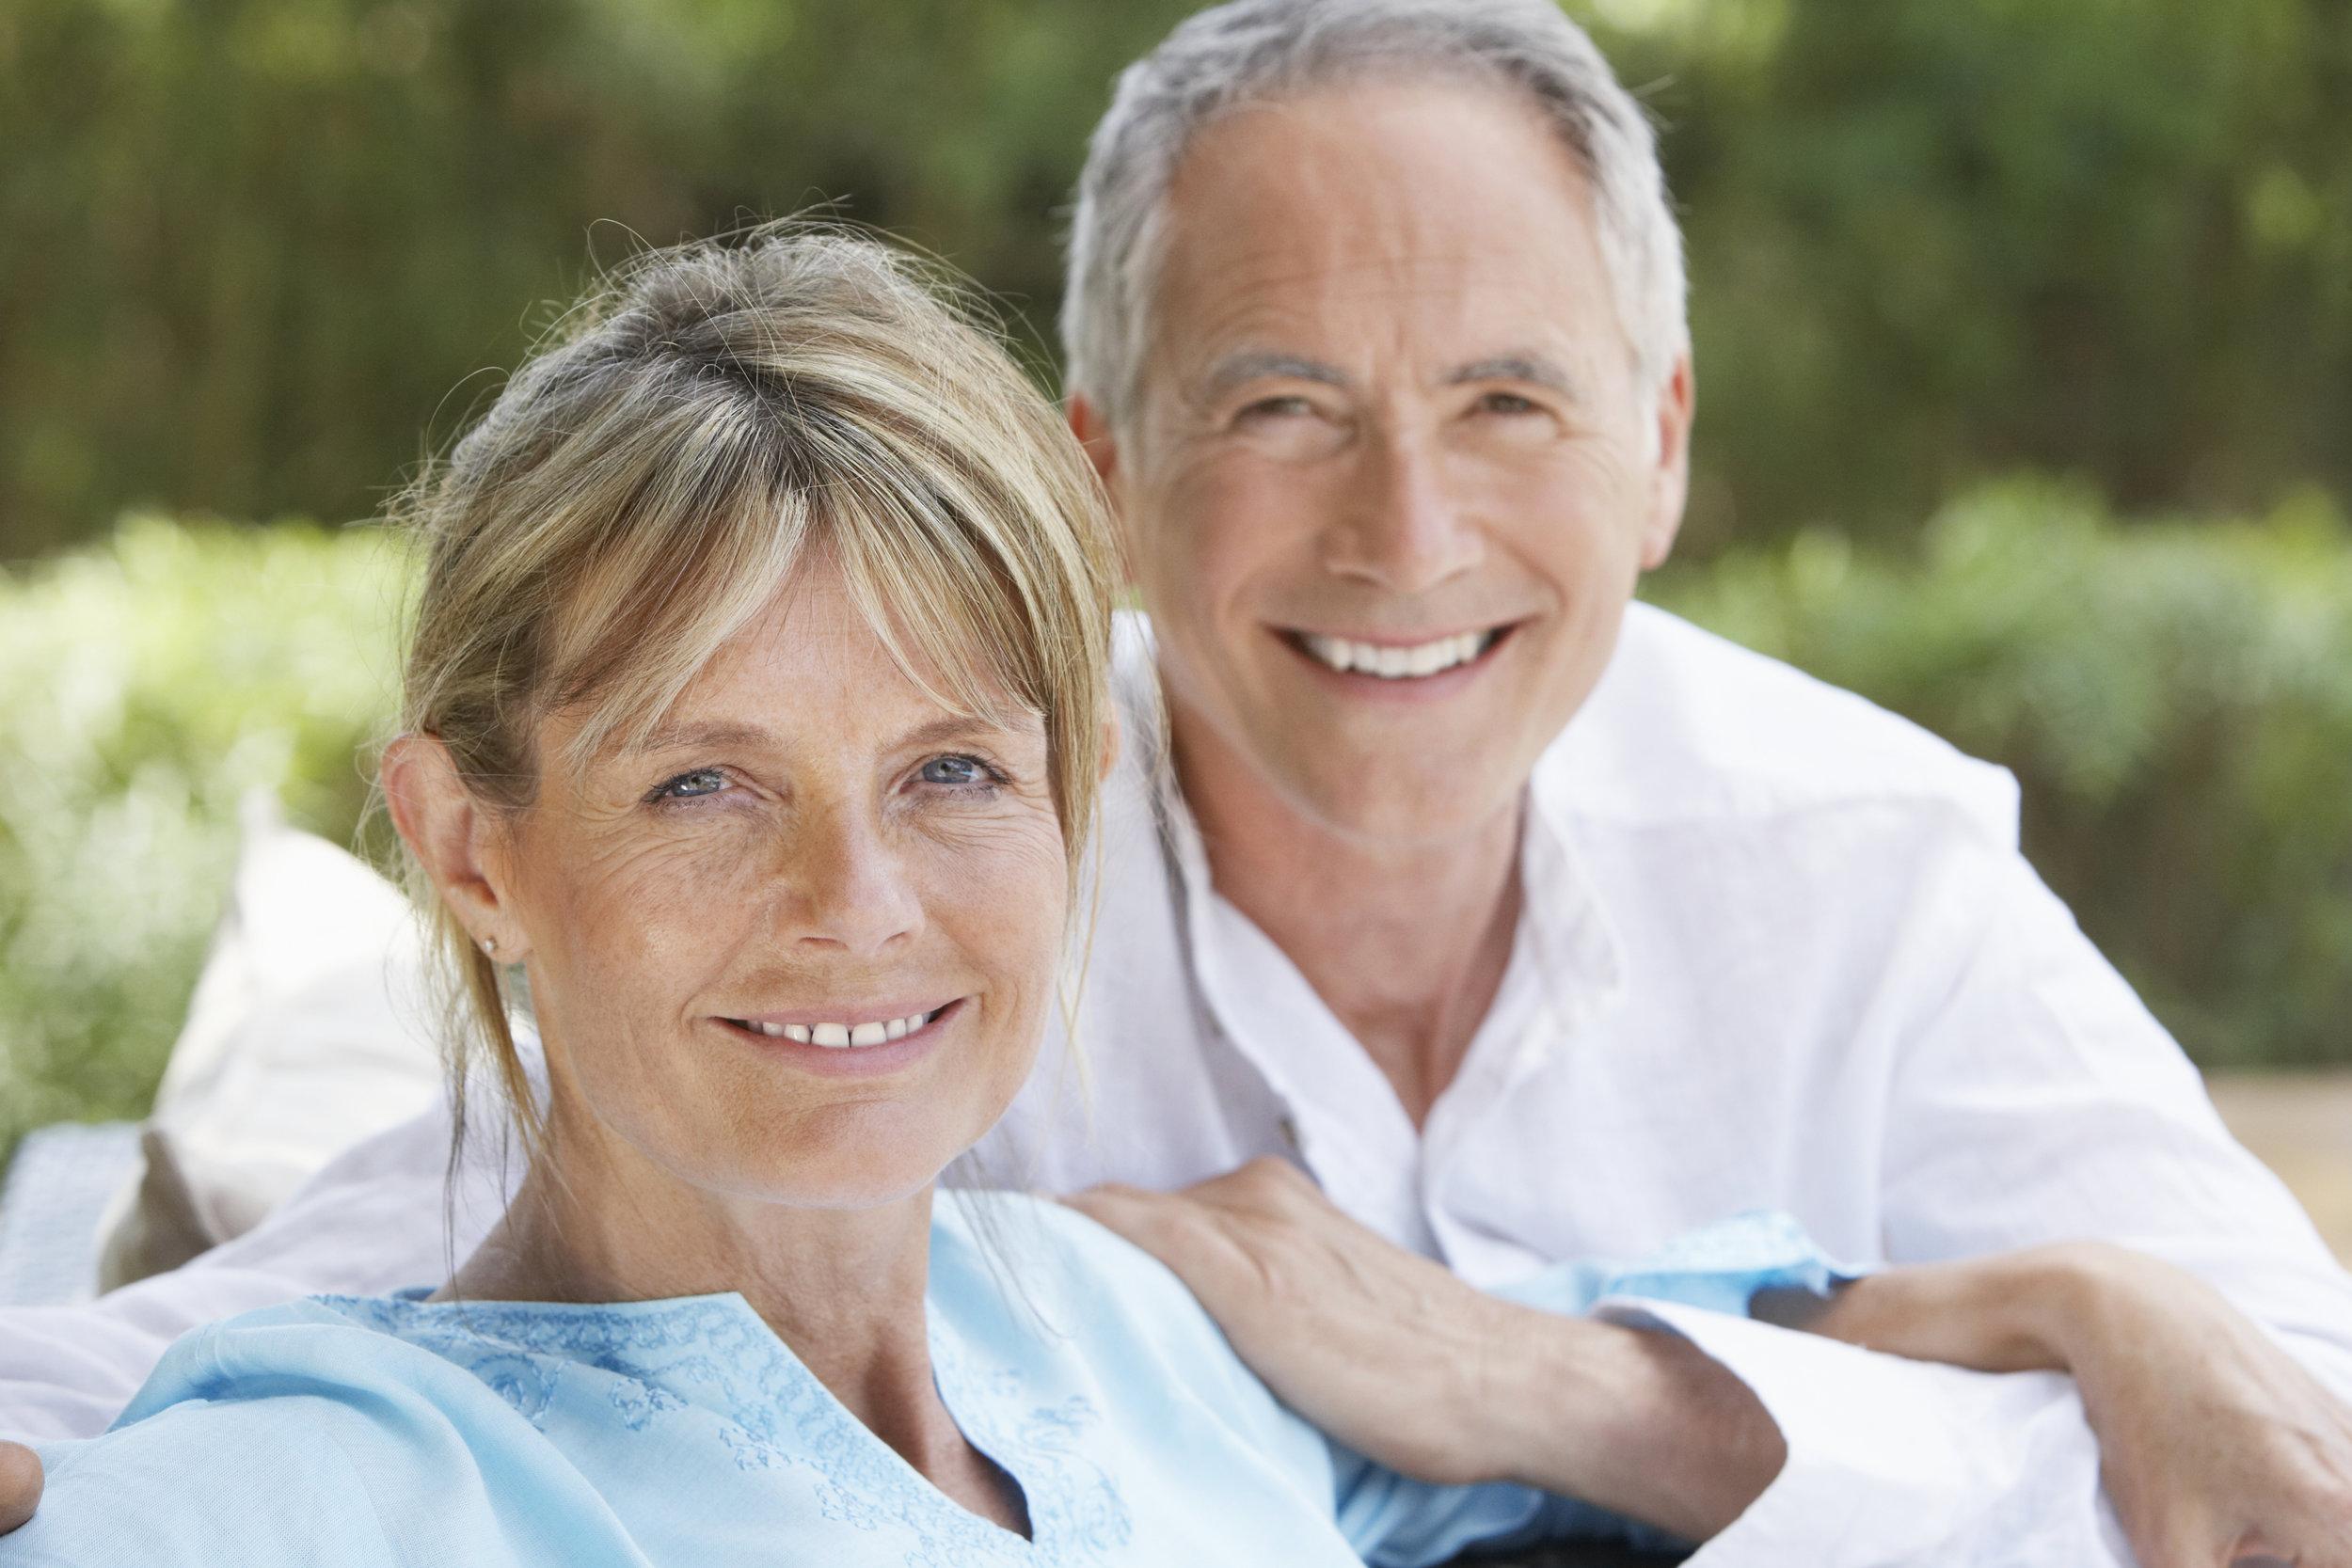 Middle Aged Couple.jpeg